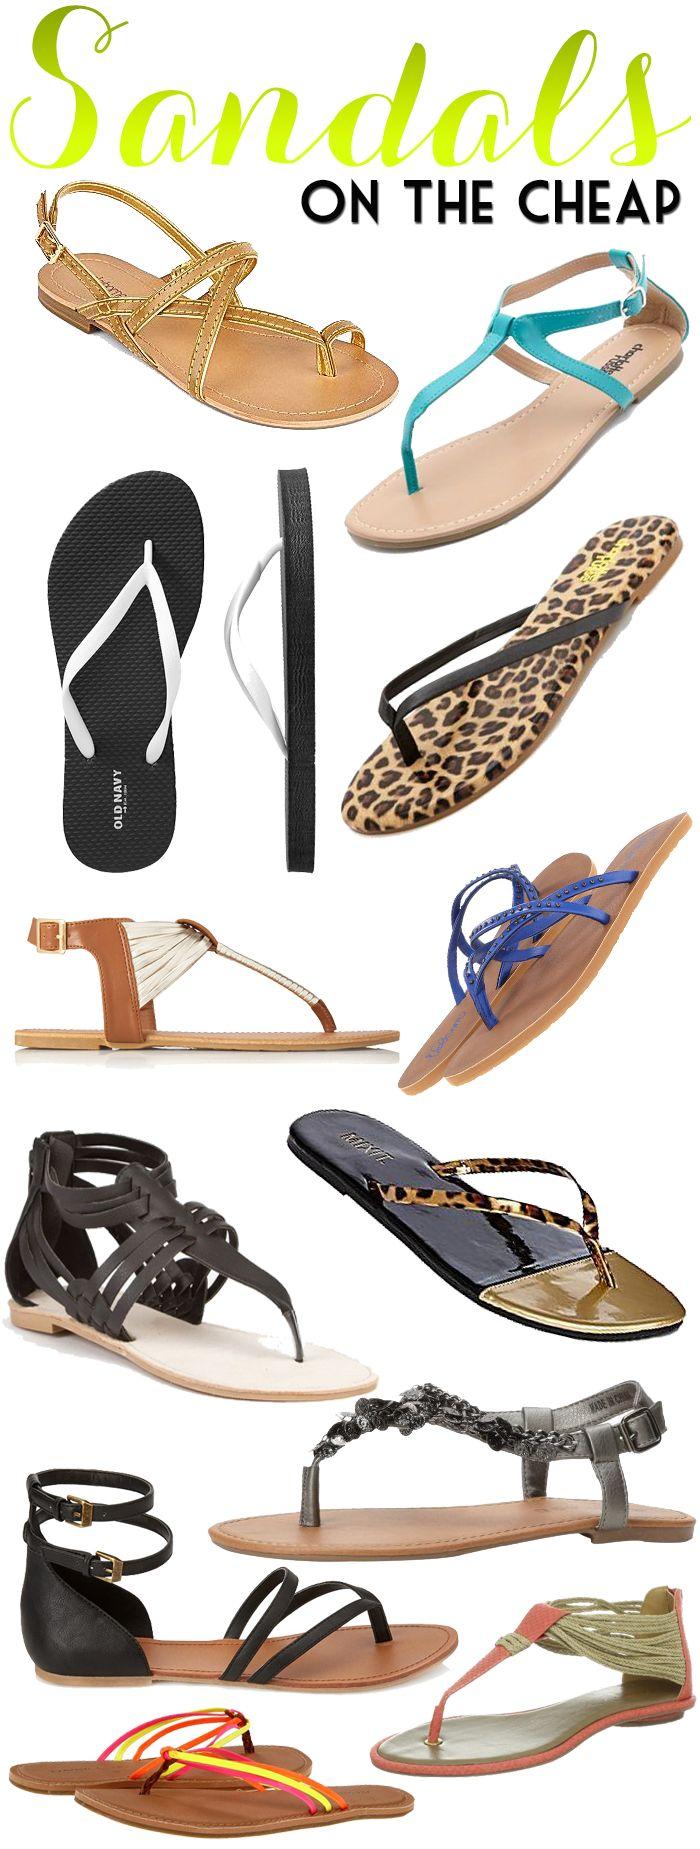 Cheap Sandals for Summer! #budgetfashion #cheapfashion #sandals